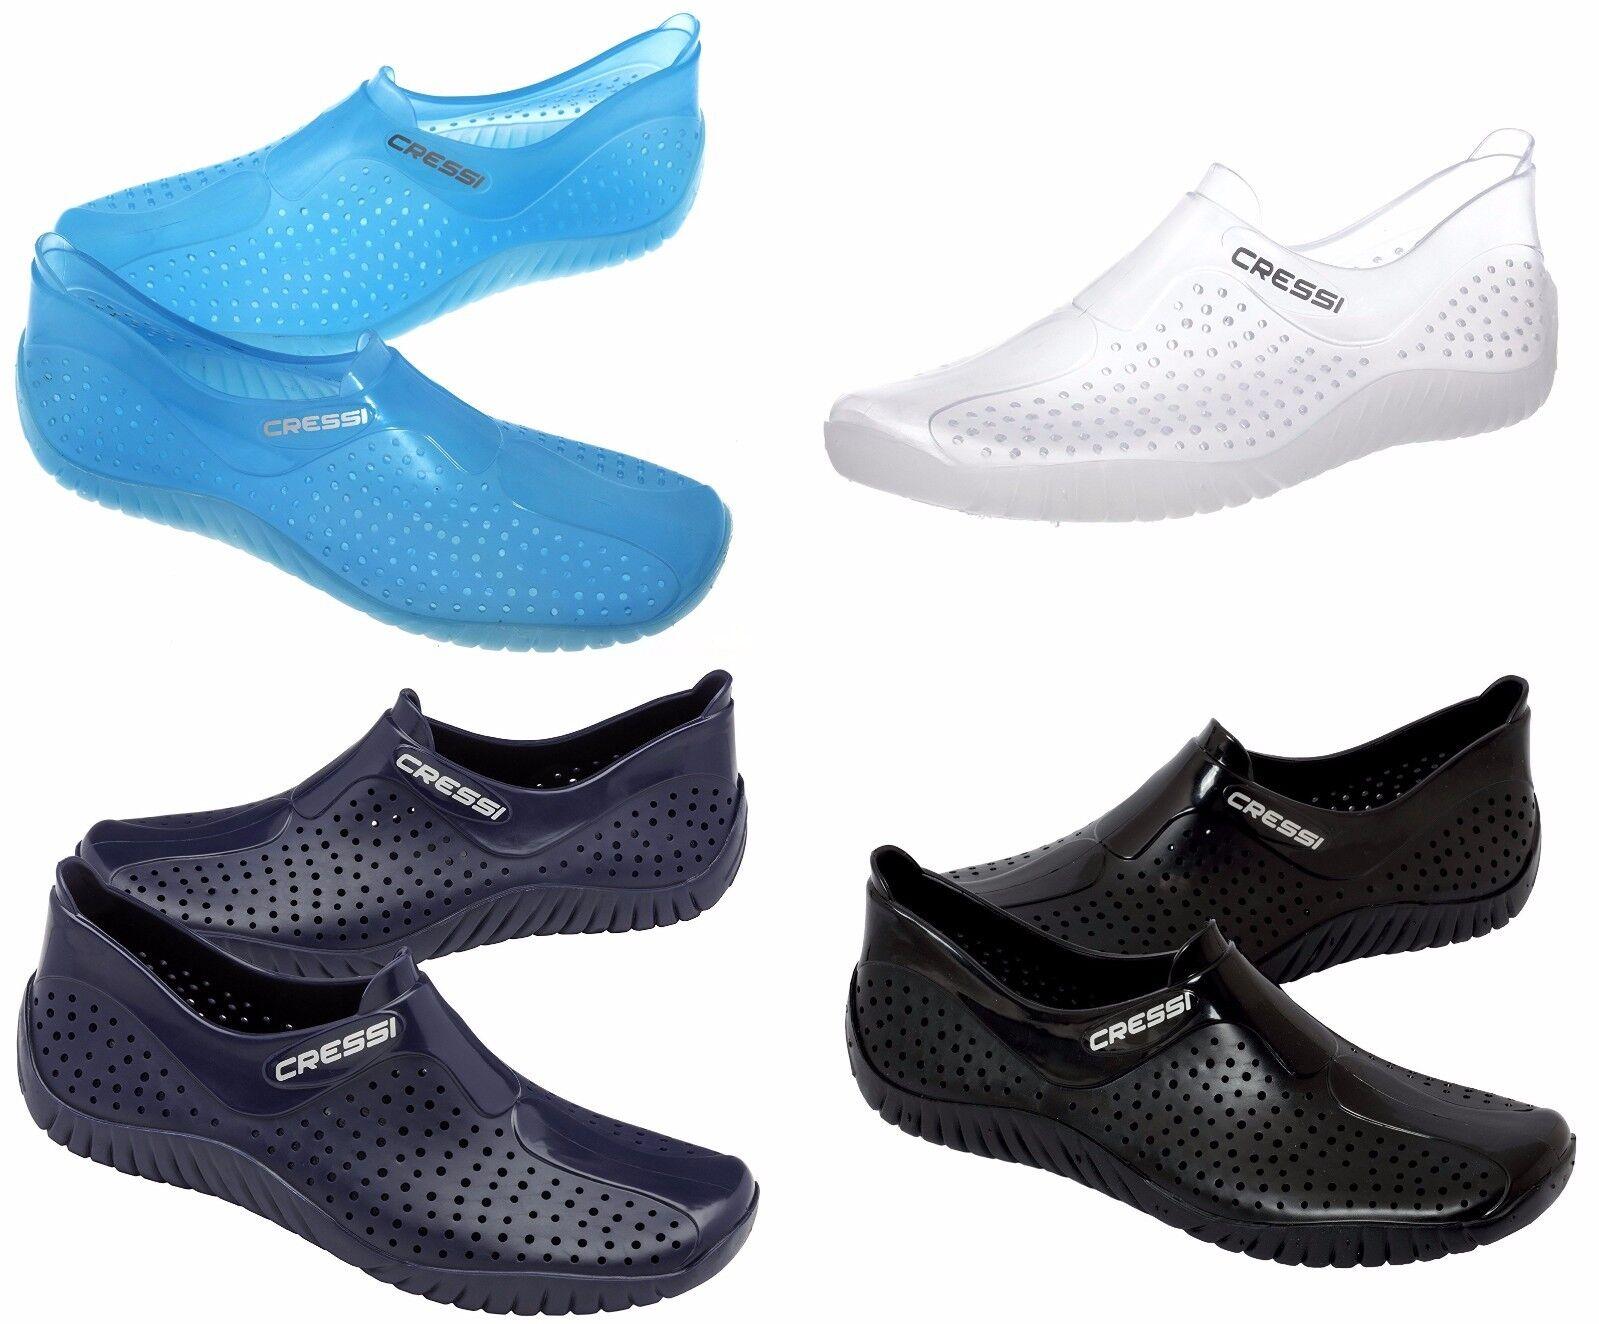 Cressi Water Shoes Scarpe Scarpette da Mare Scoglio Spiaggia Uomo Donna Unisex